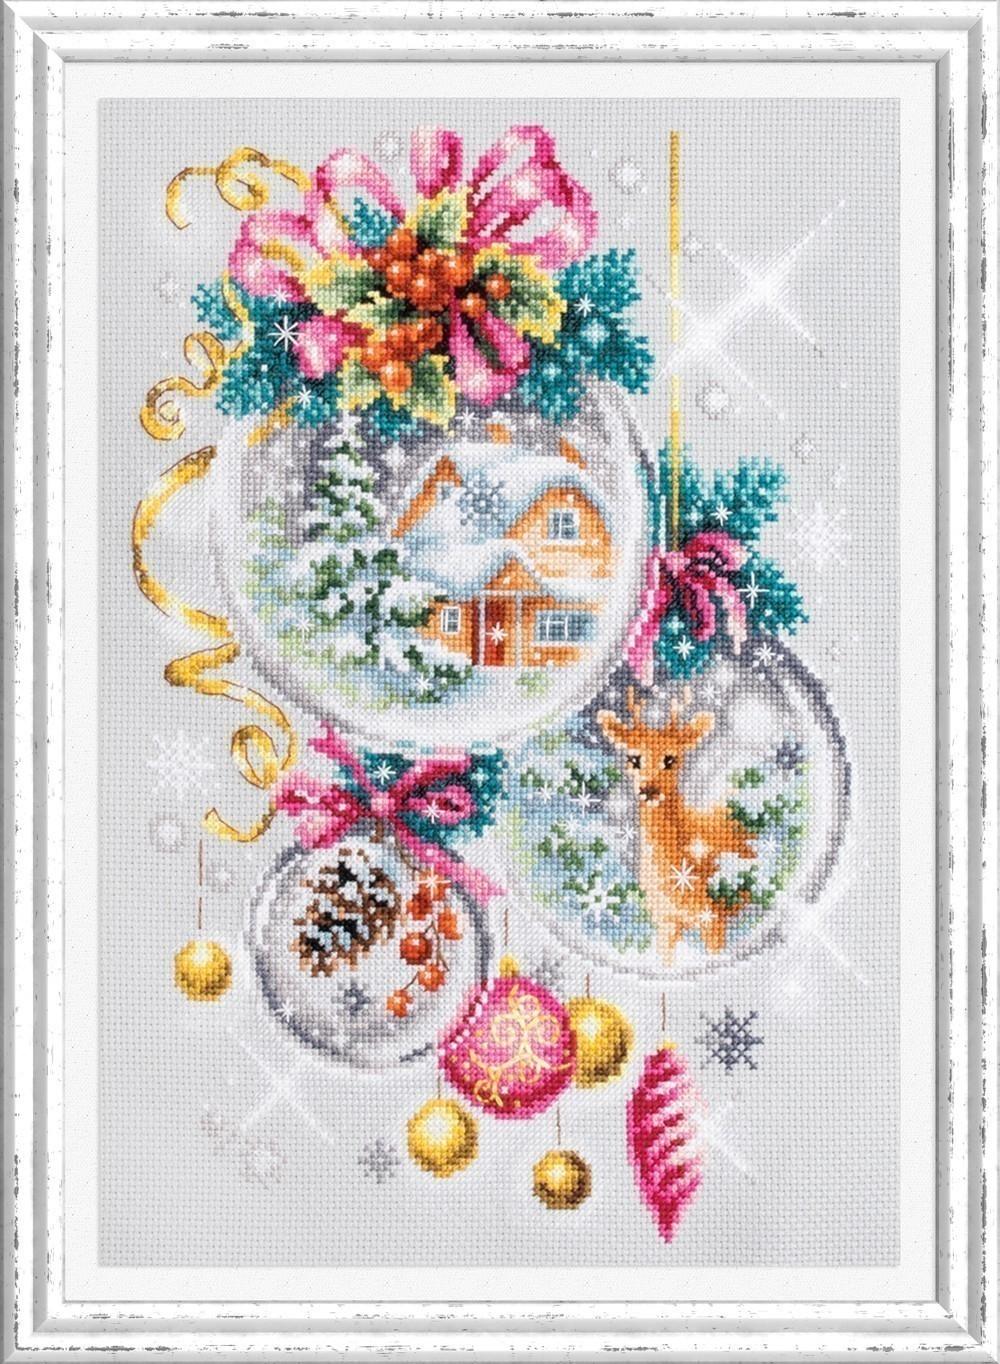 100-247 Рождественская сказка